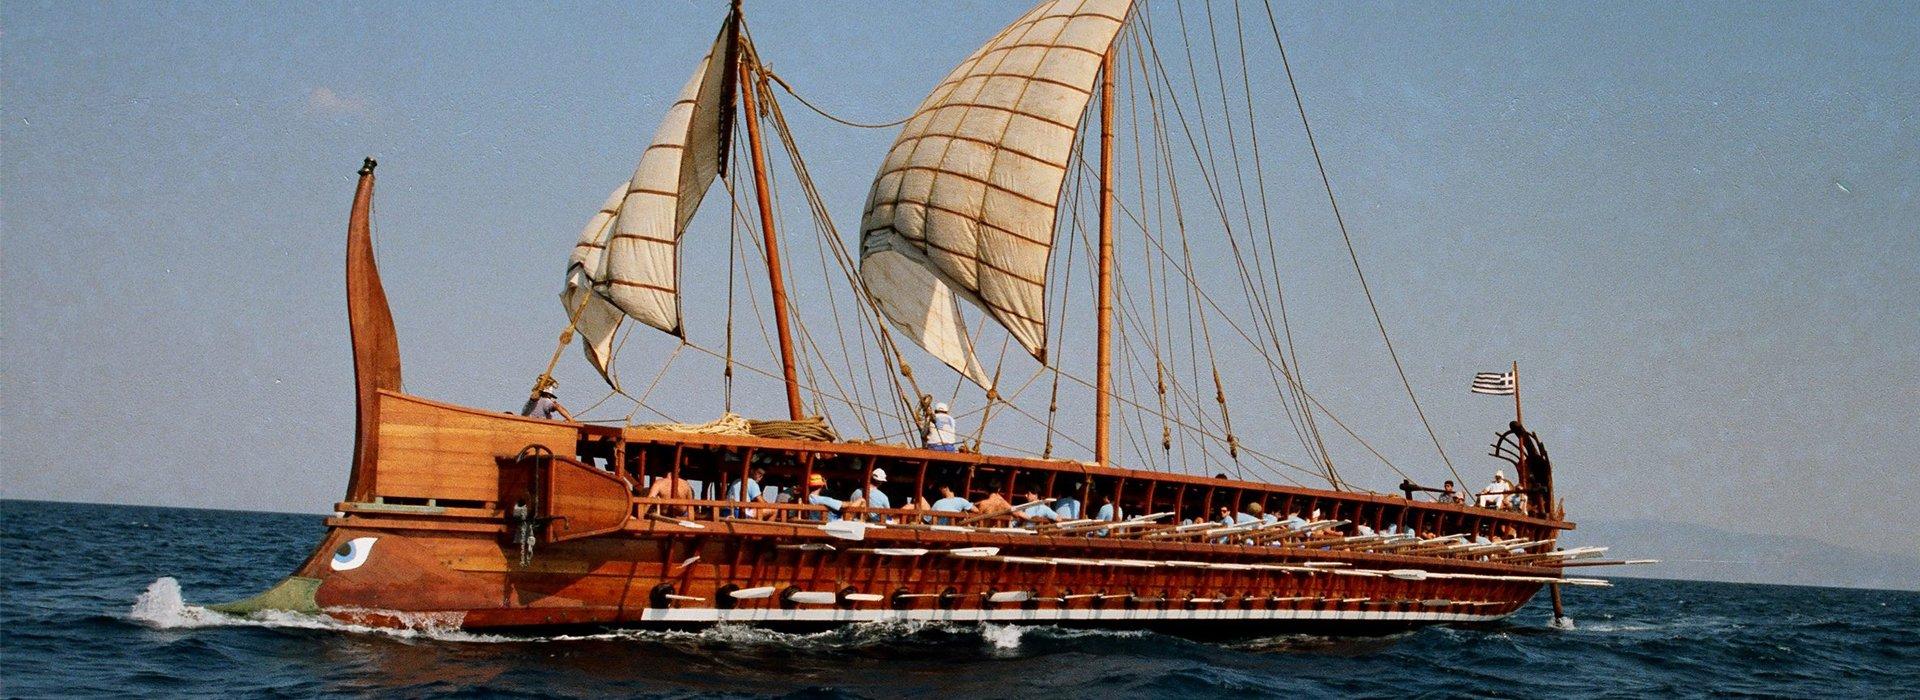 Bárki evezhet egy ókori hajón